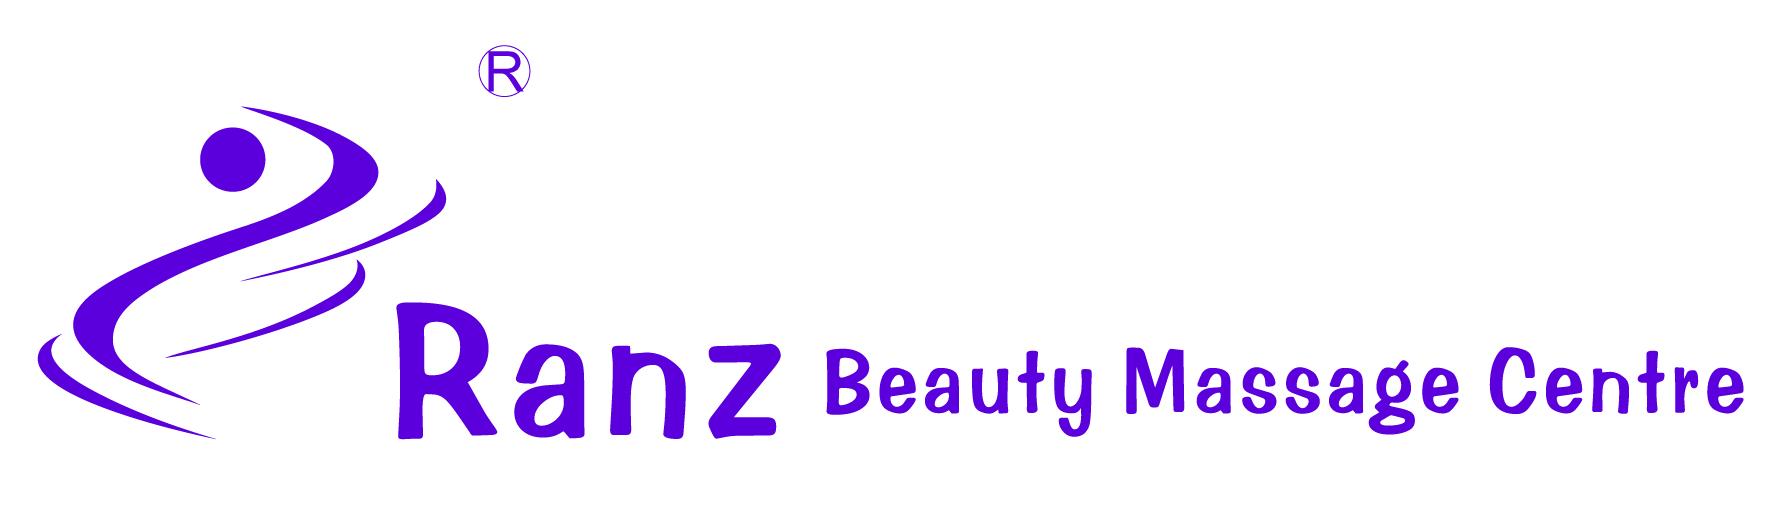 ranz-logo-01300